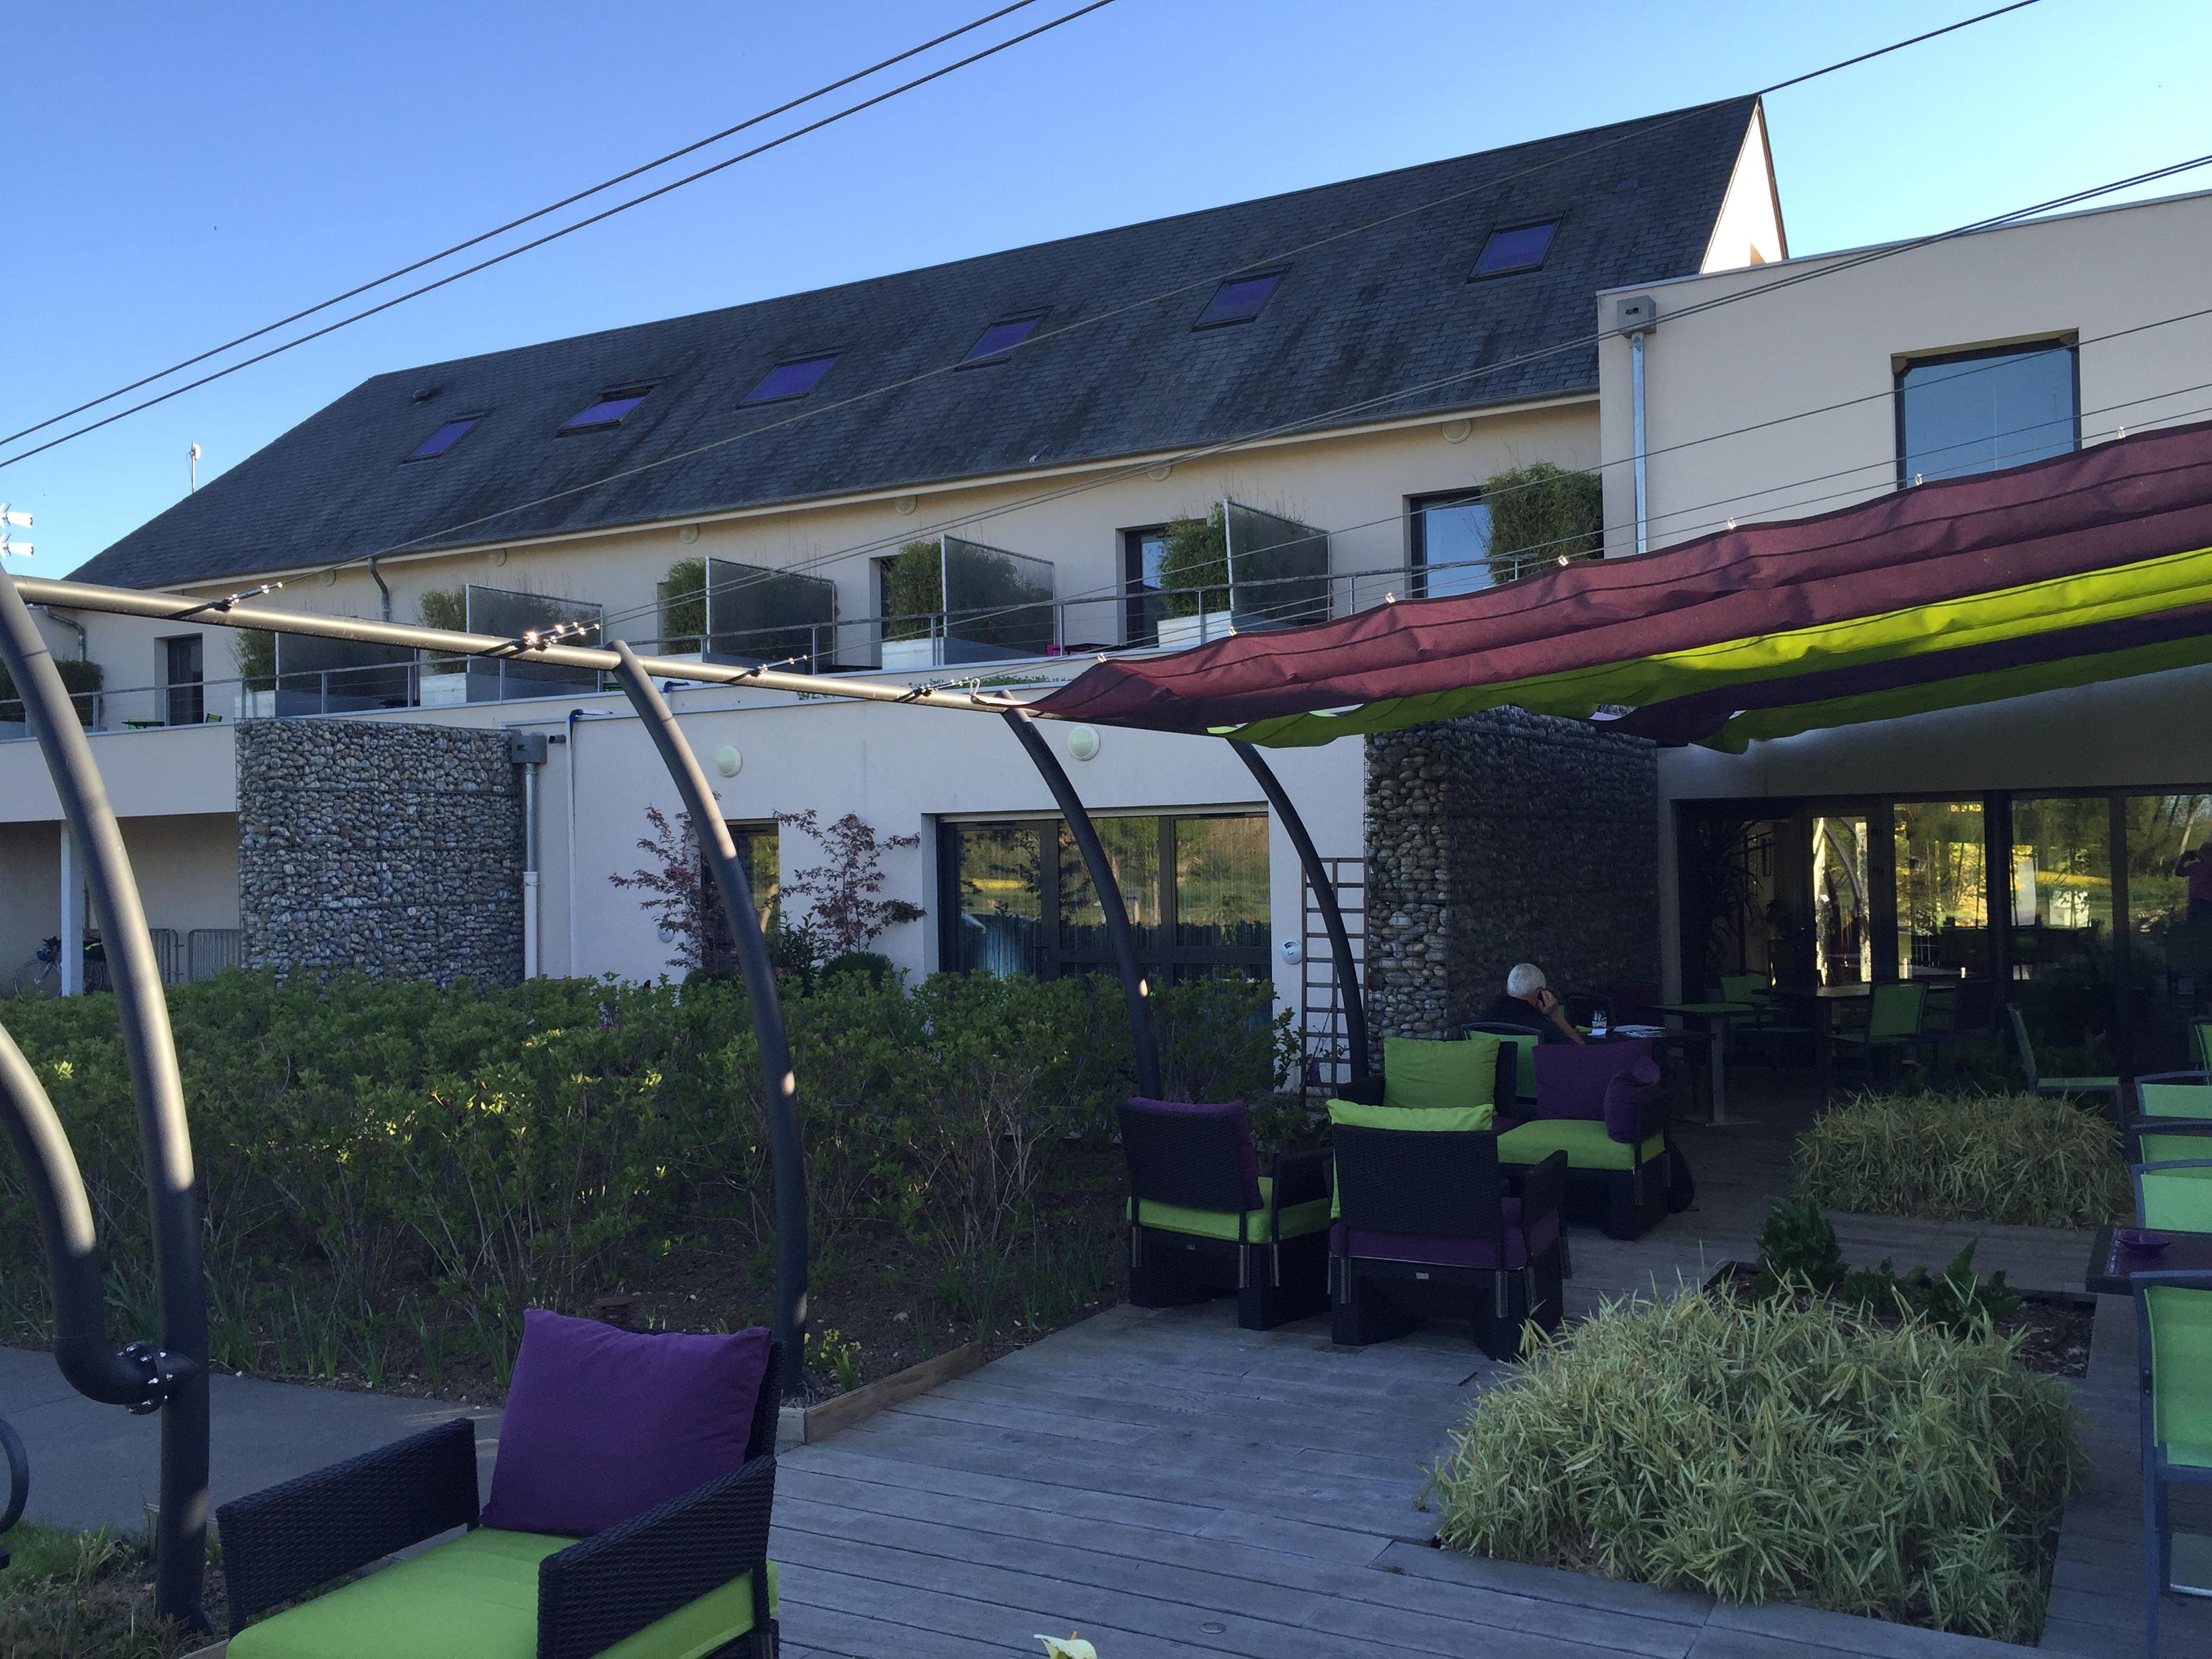 Hotel terre de loire belleville sur loire loire valley for Belleville sur loire piscine